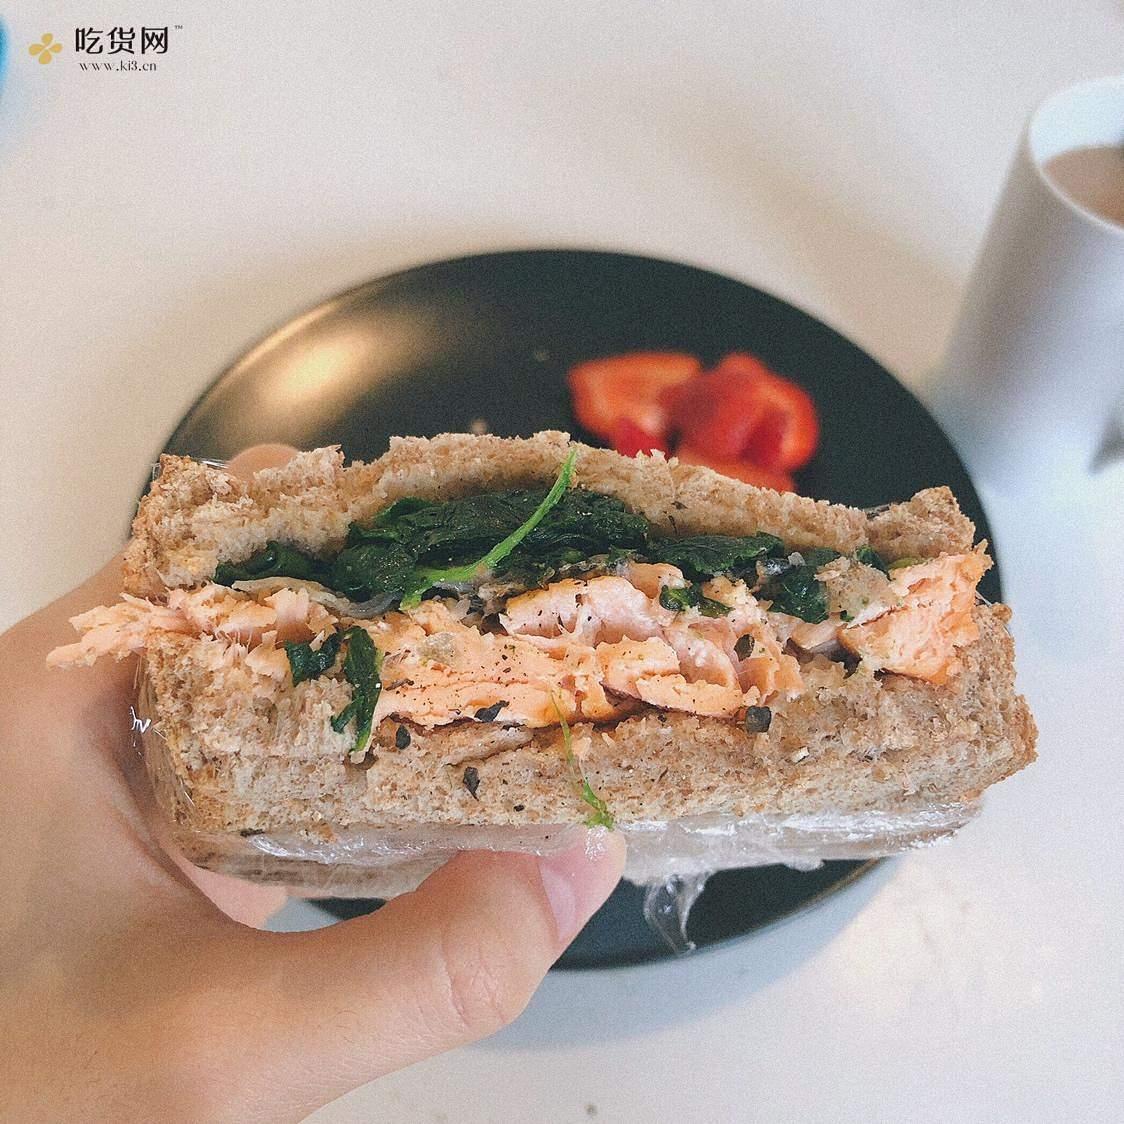 视觉味觉爆炸的全麦三明治系列|减脂万能公式 欢迎来玩!的做法 步骤24